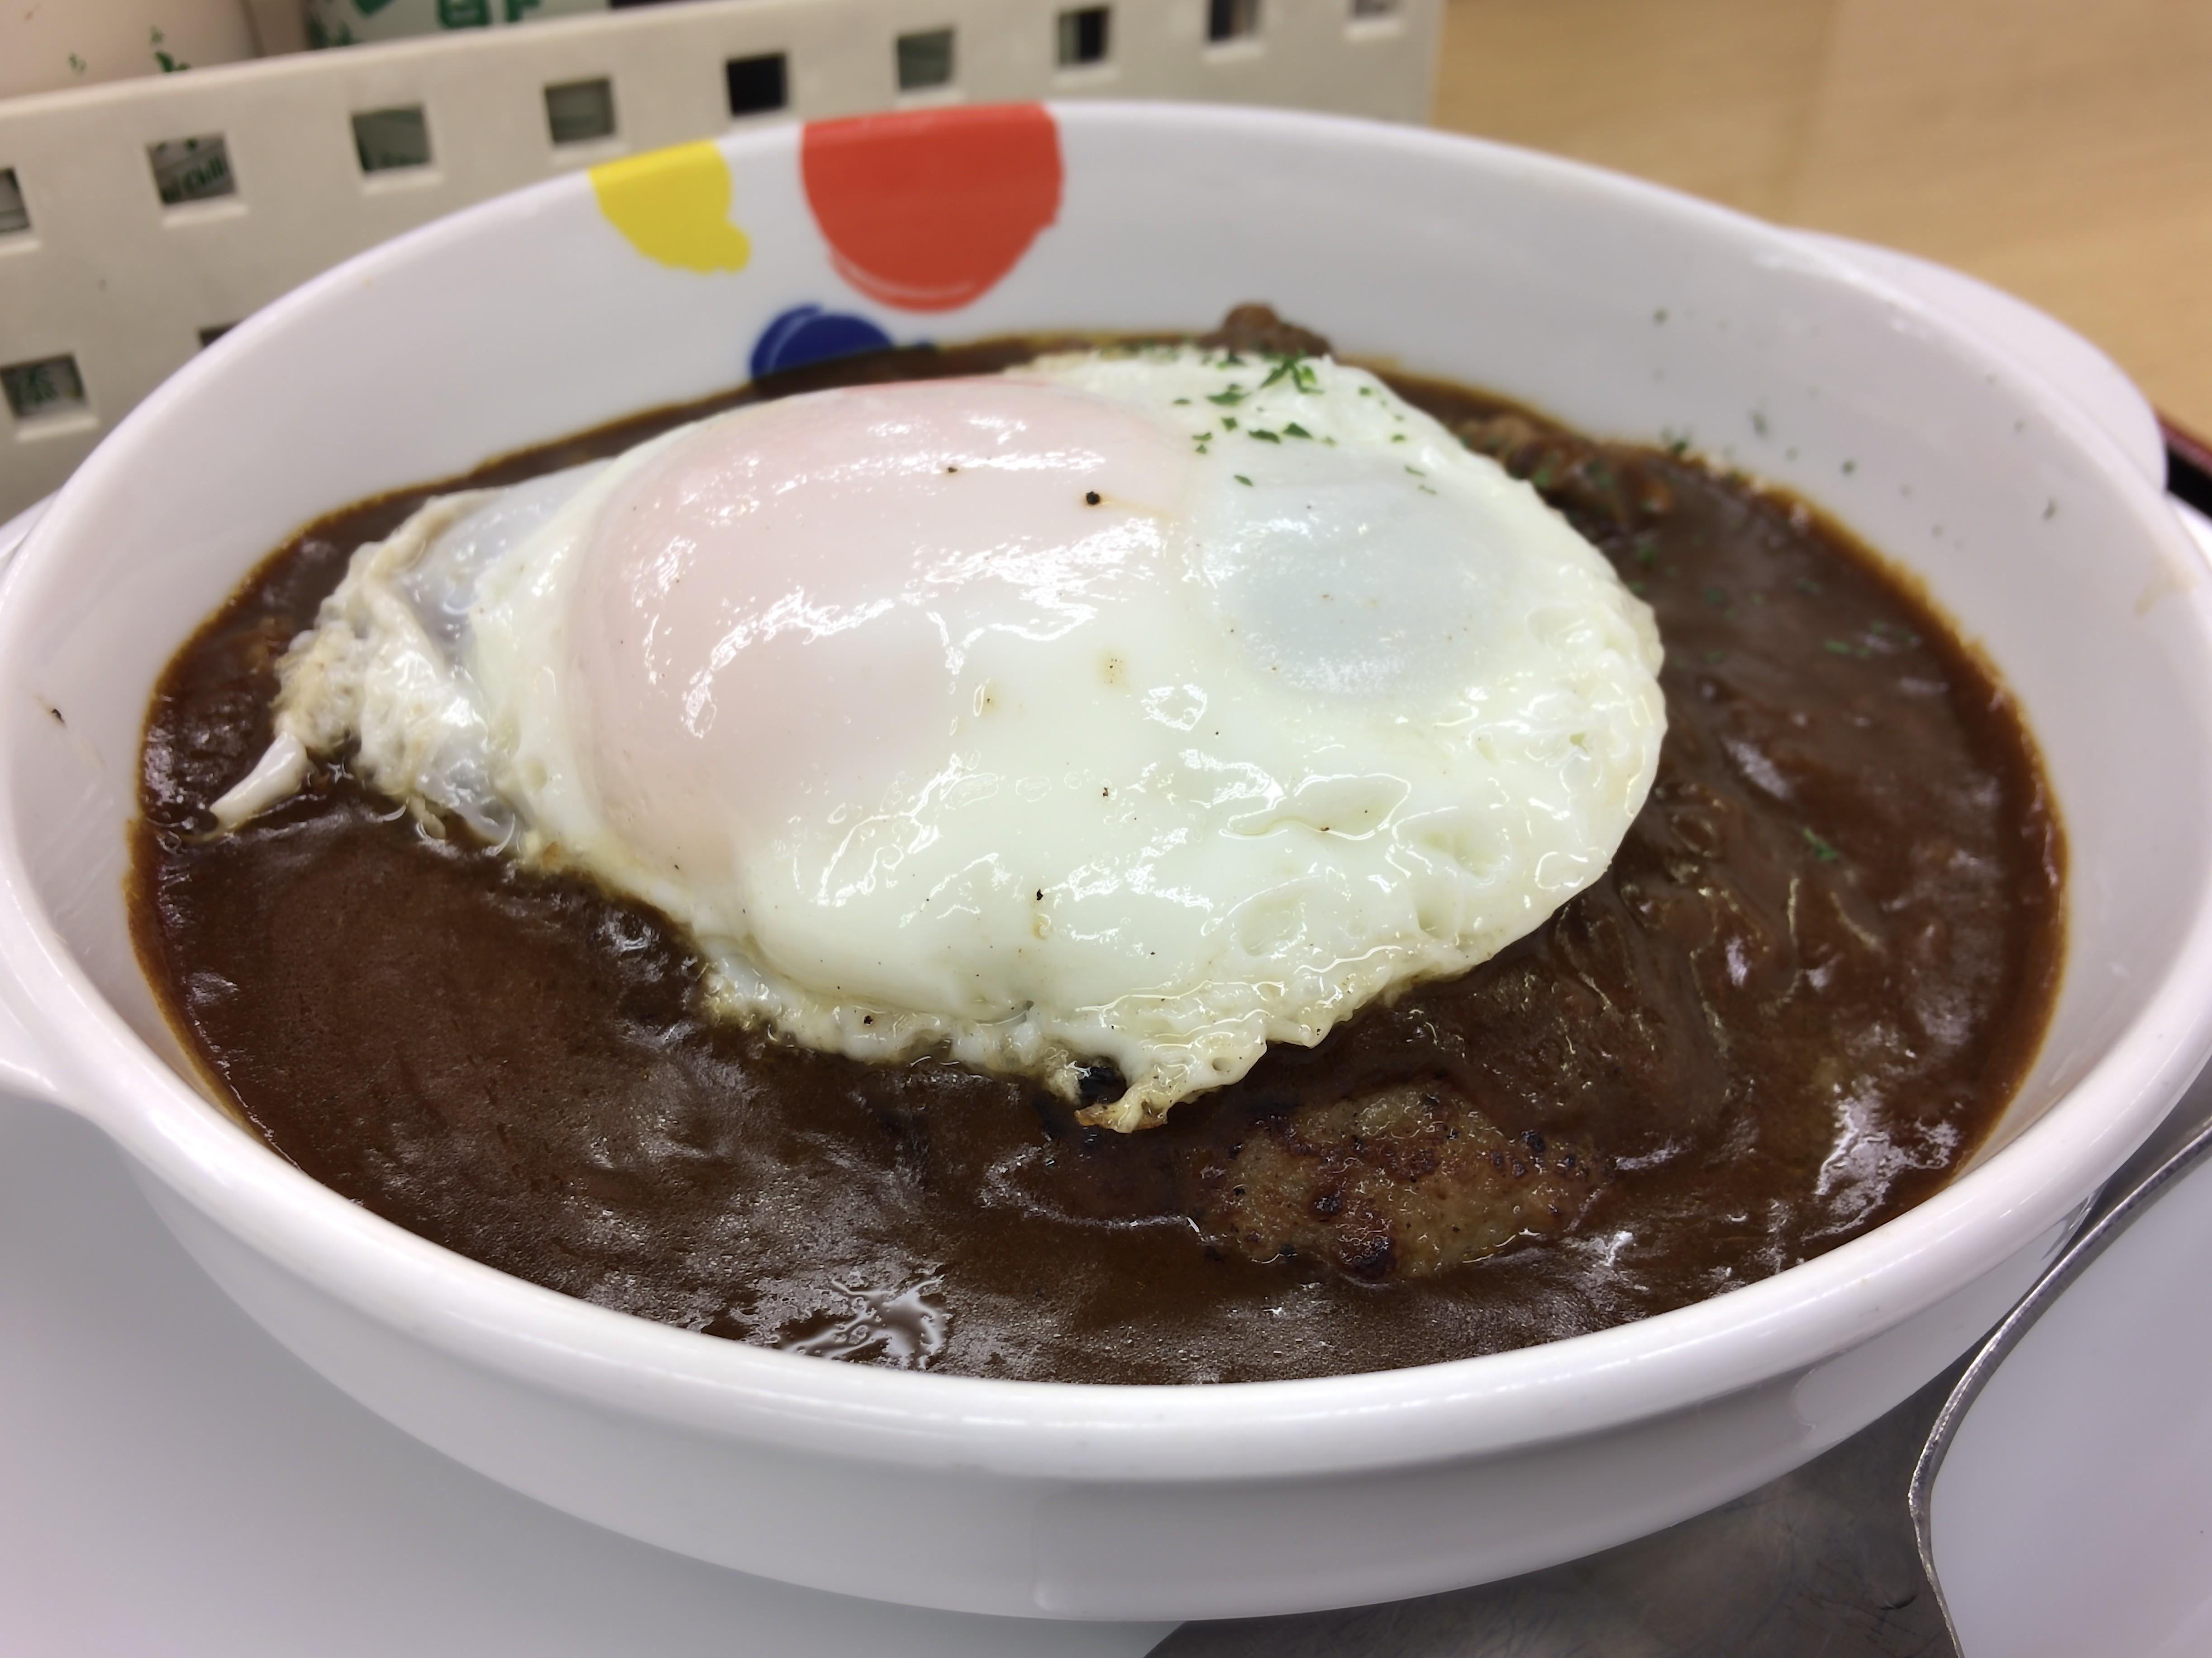 [松屋][ビーフシチュー][エッグハンバーグ定食][税込み690円][1124kcal]